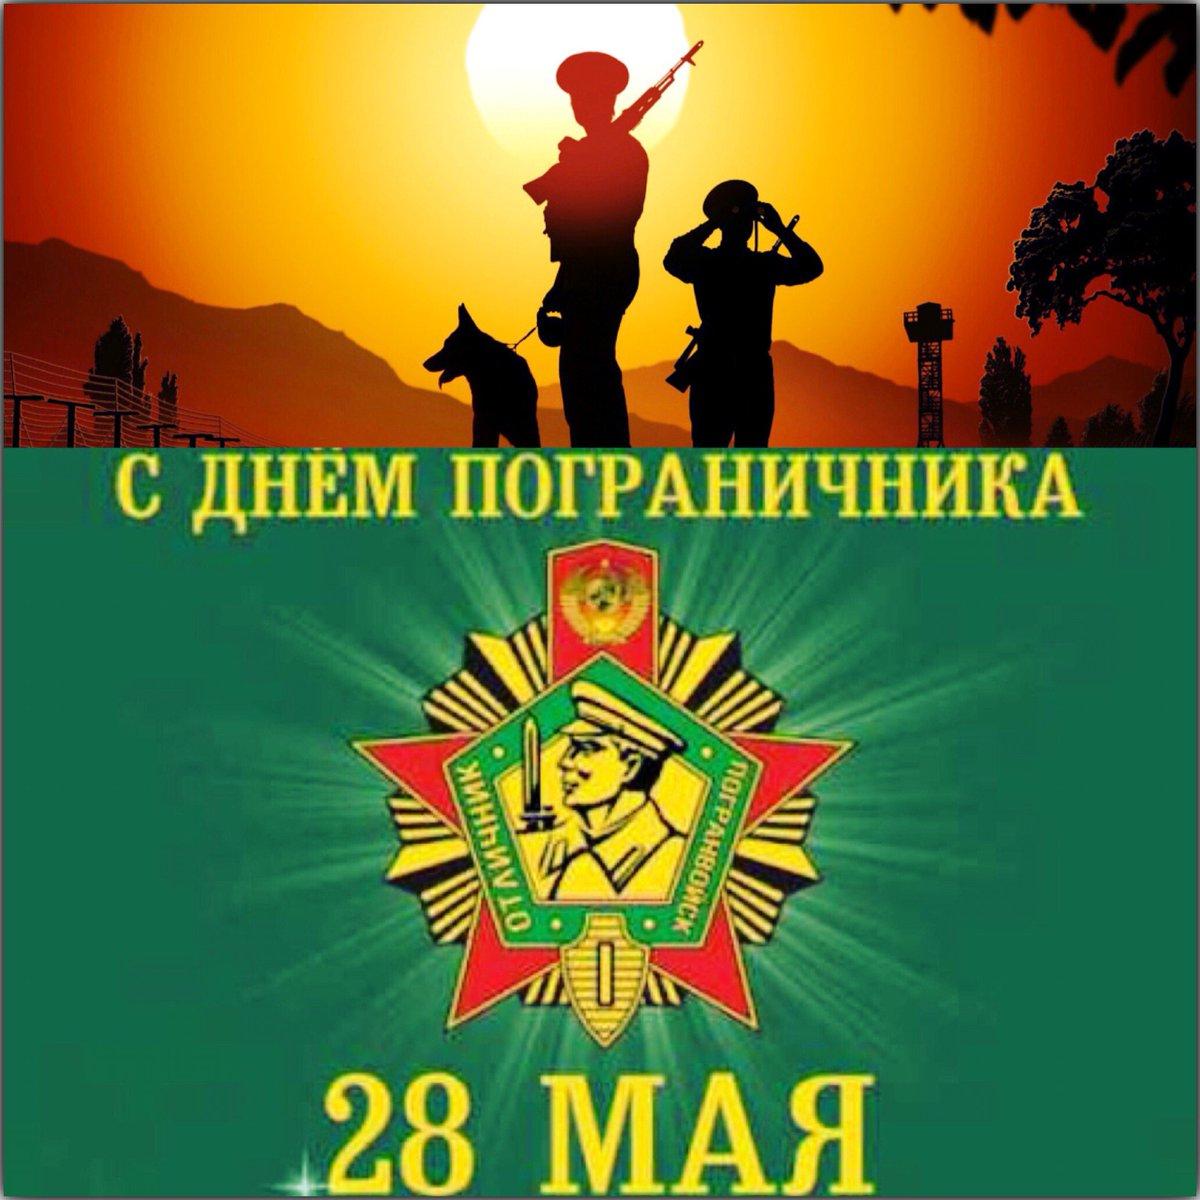 Поздравление пограничникам казахстана